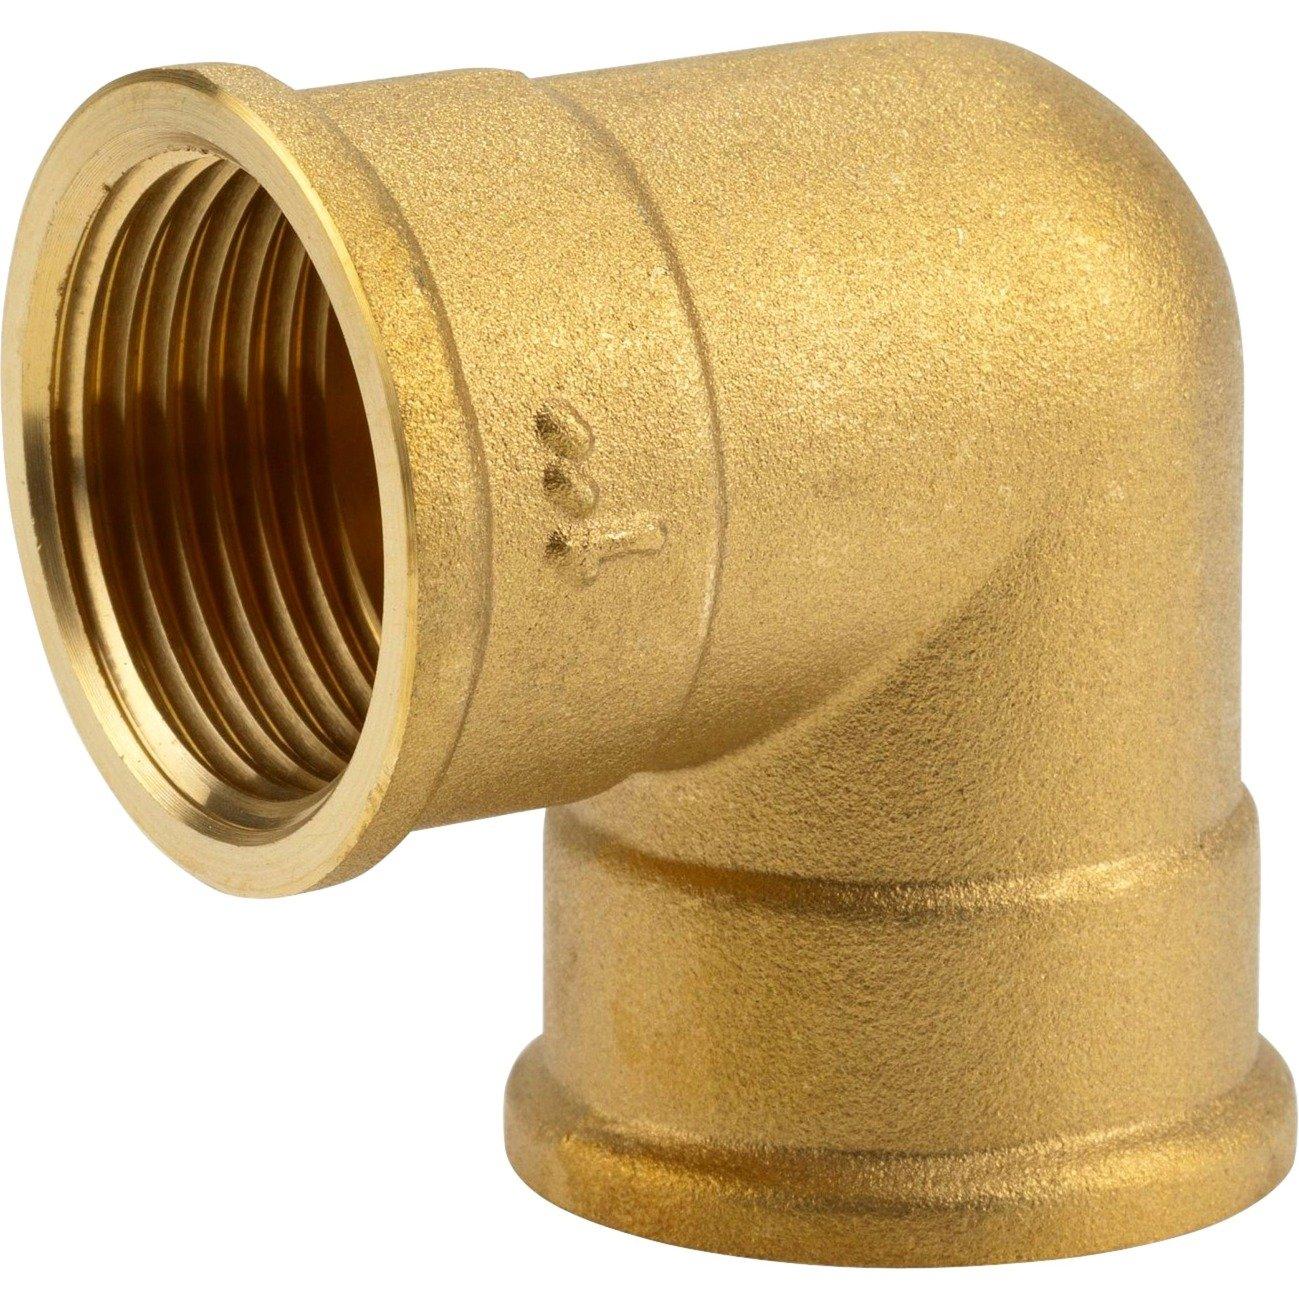 messing-winkel-ig-1-tekniske-ventiler